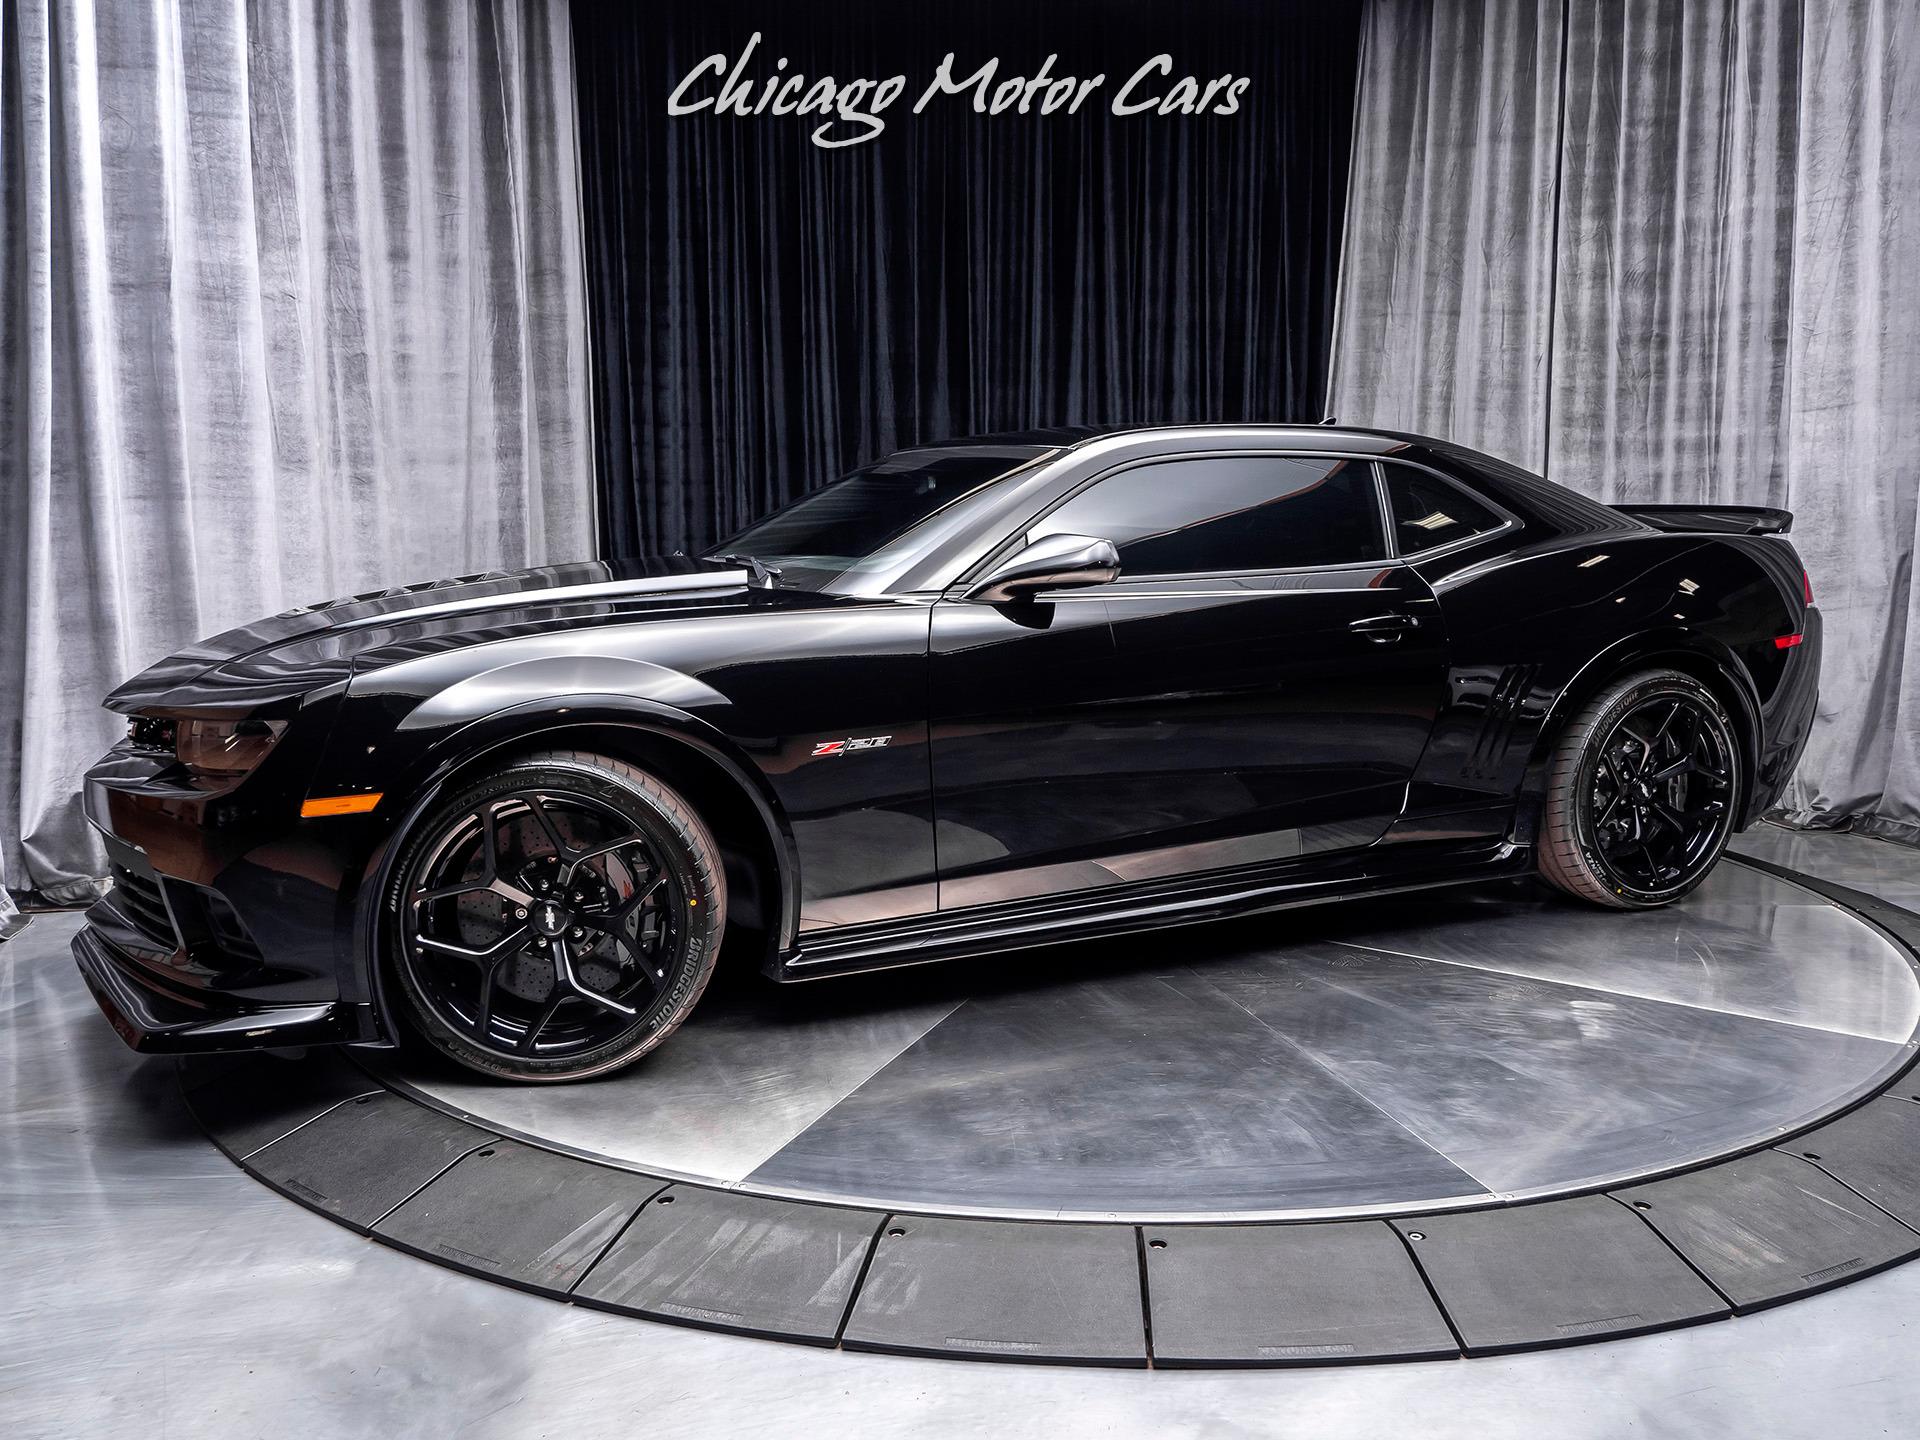 Kelebihan Kekurangan Chevrolet Camaro 2015 Perbandingan Harga